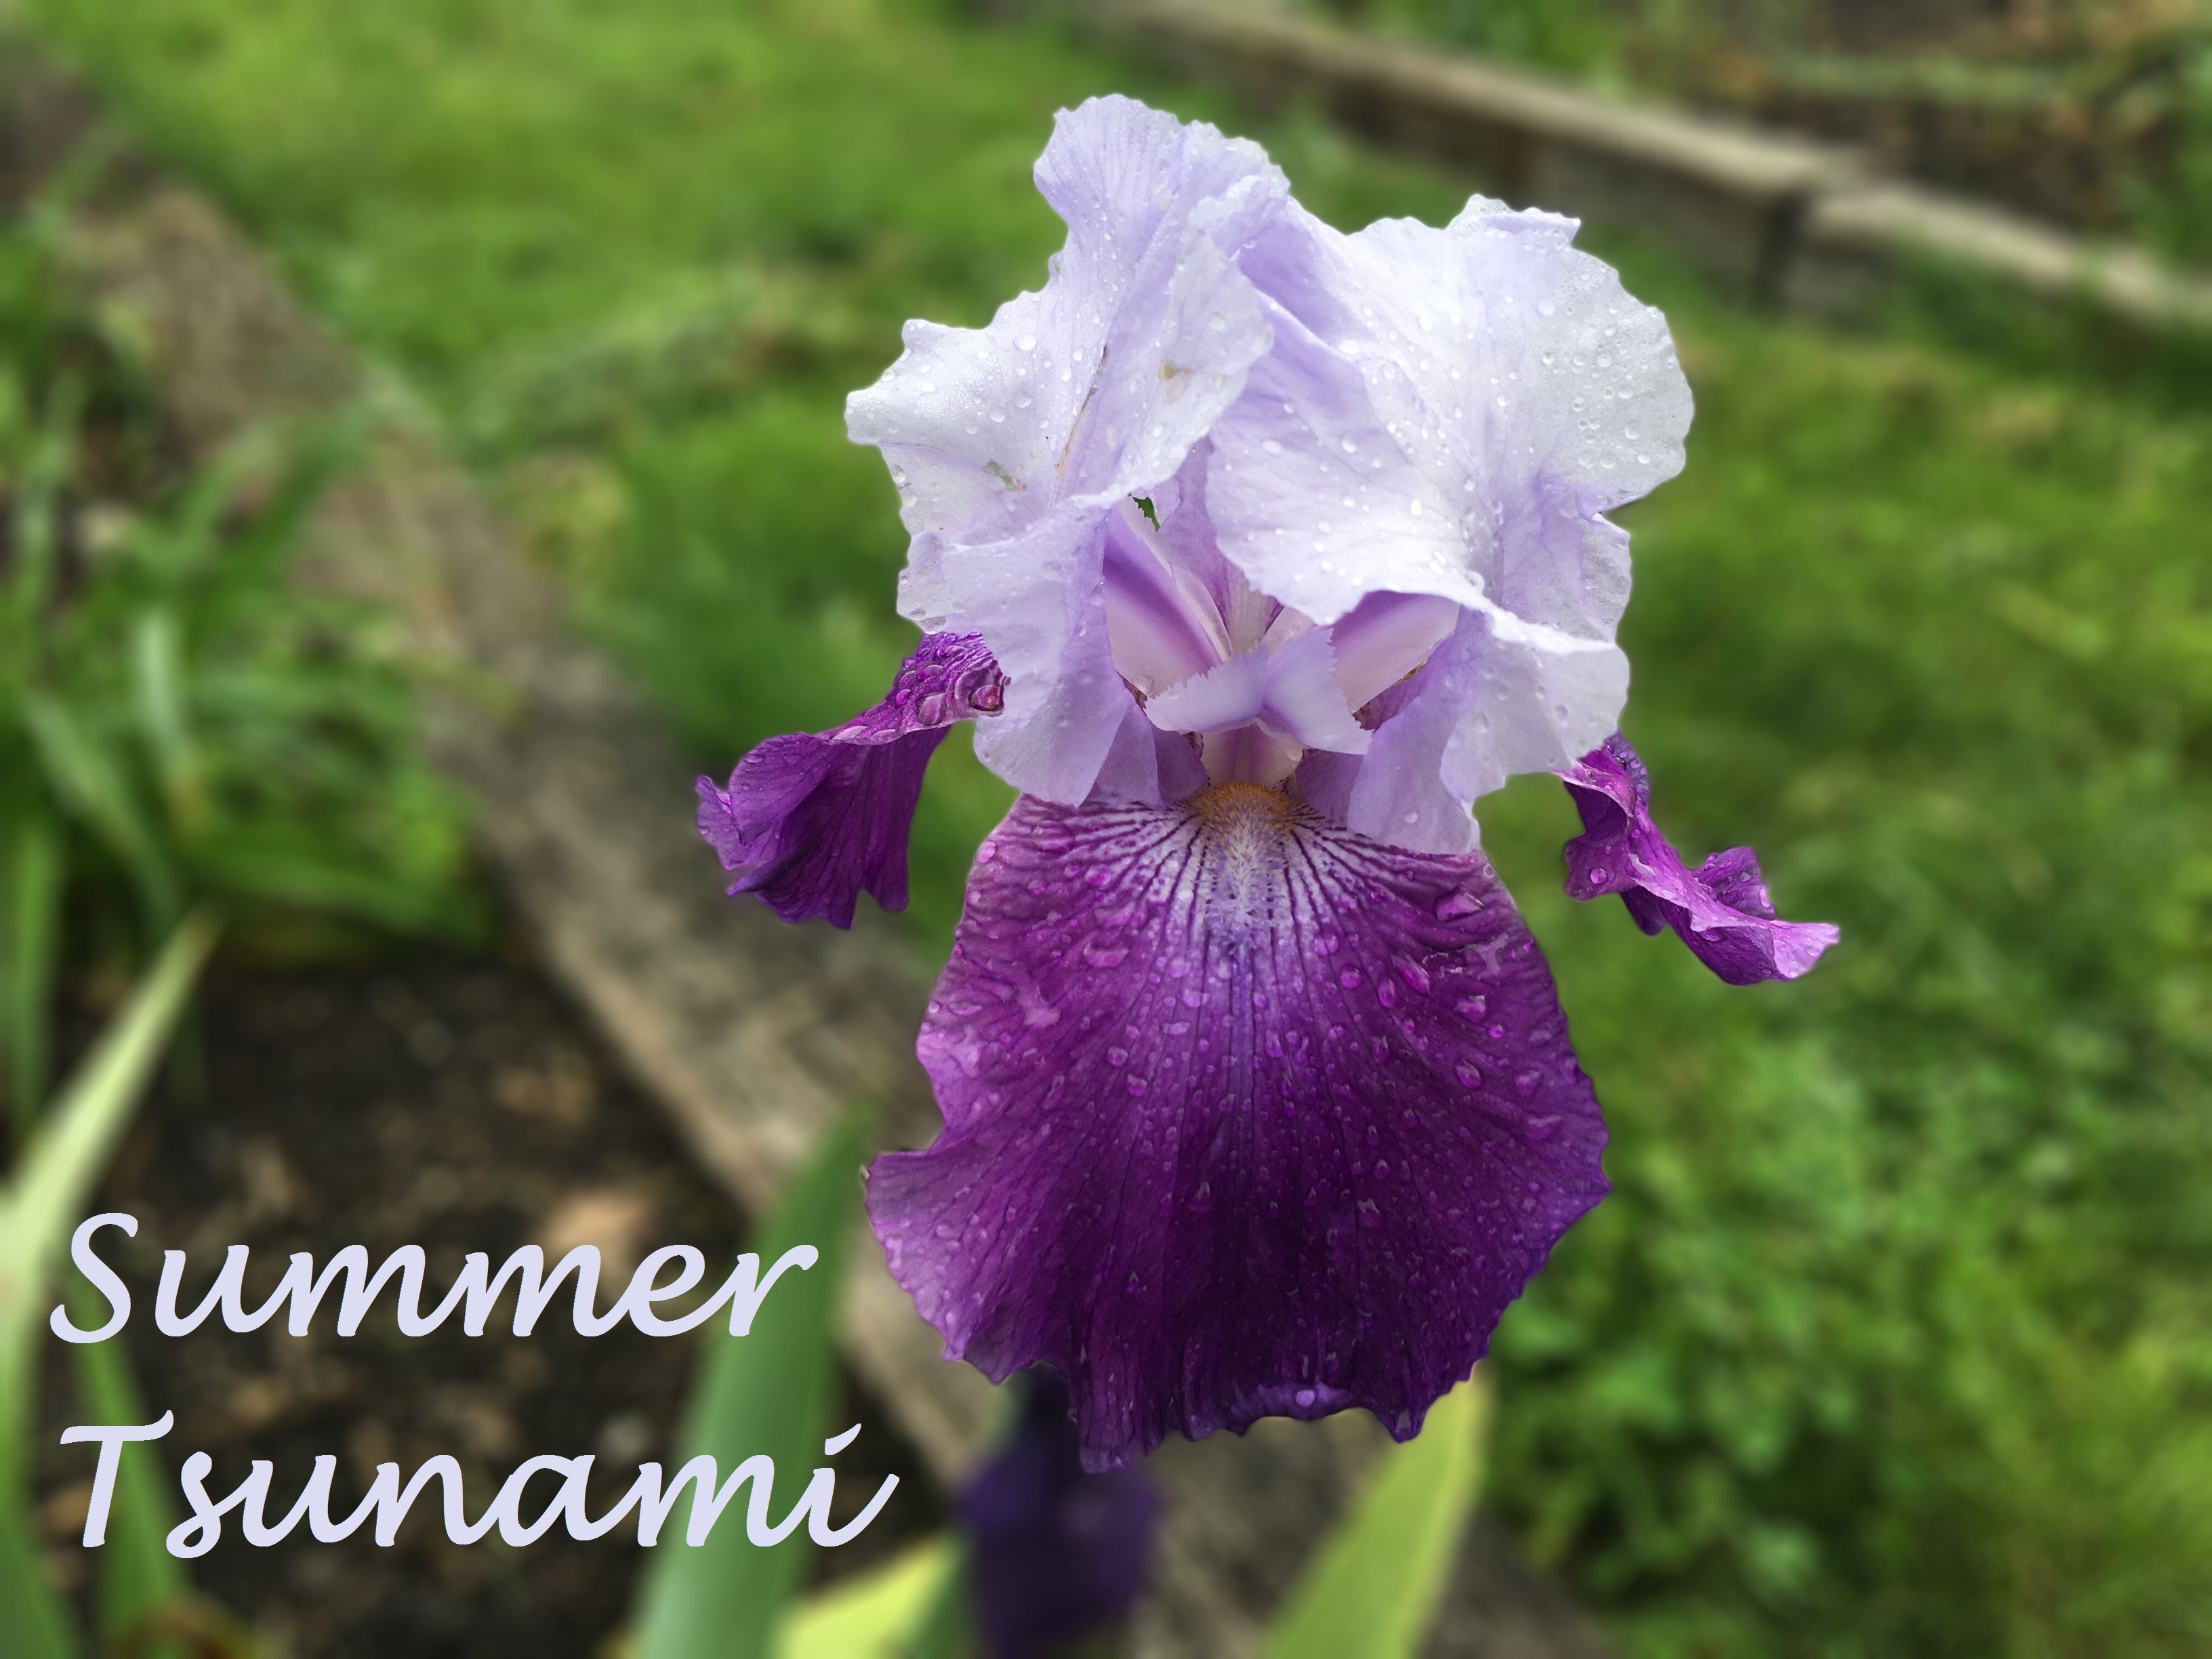 Summer Tsunami